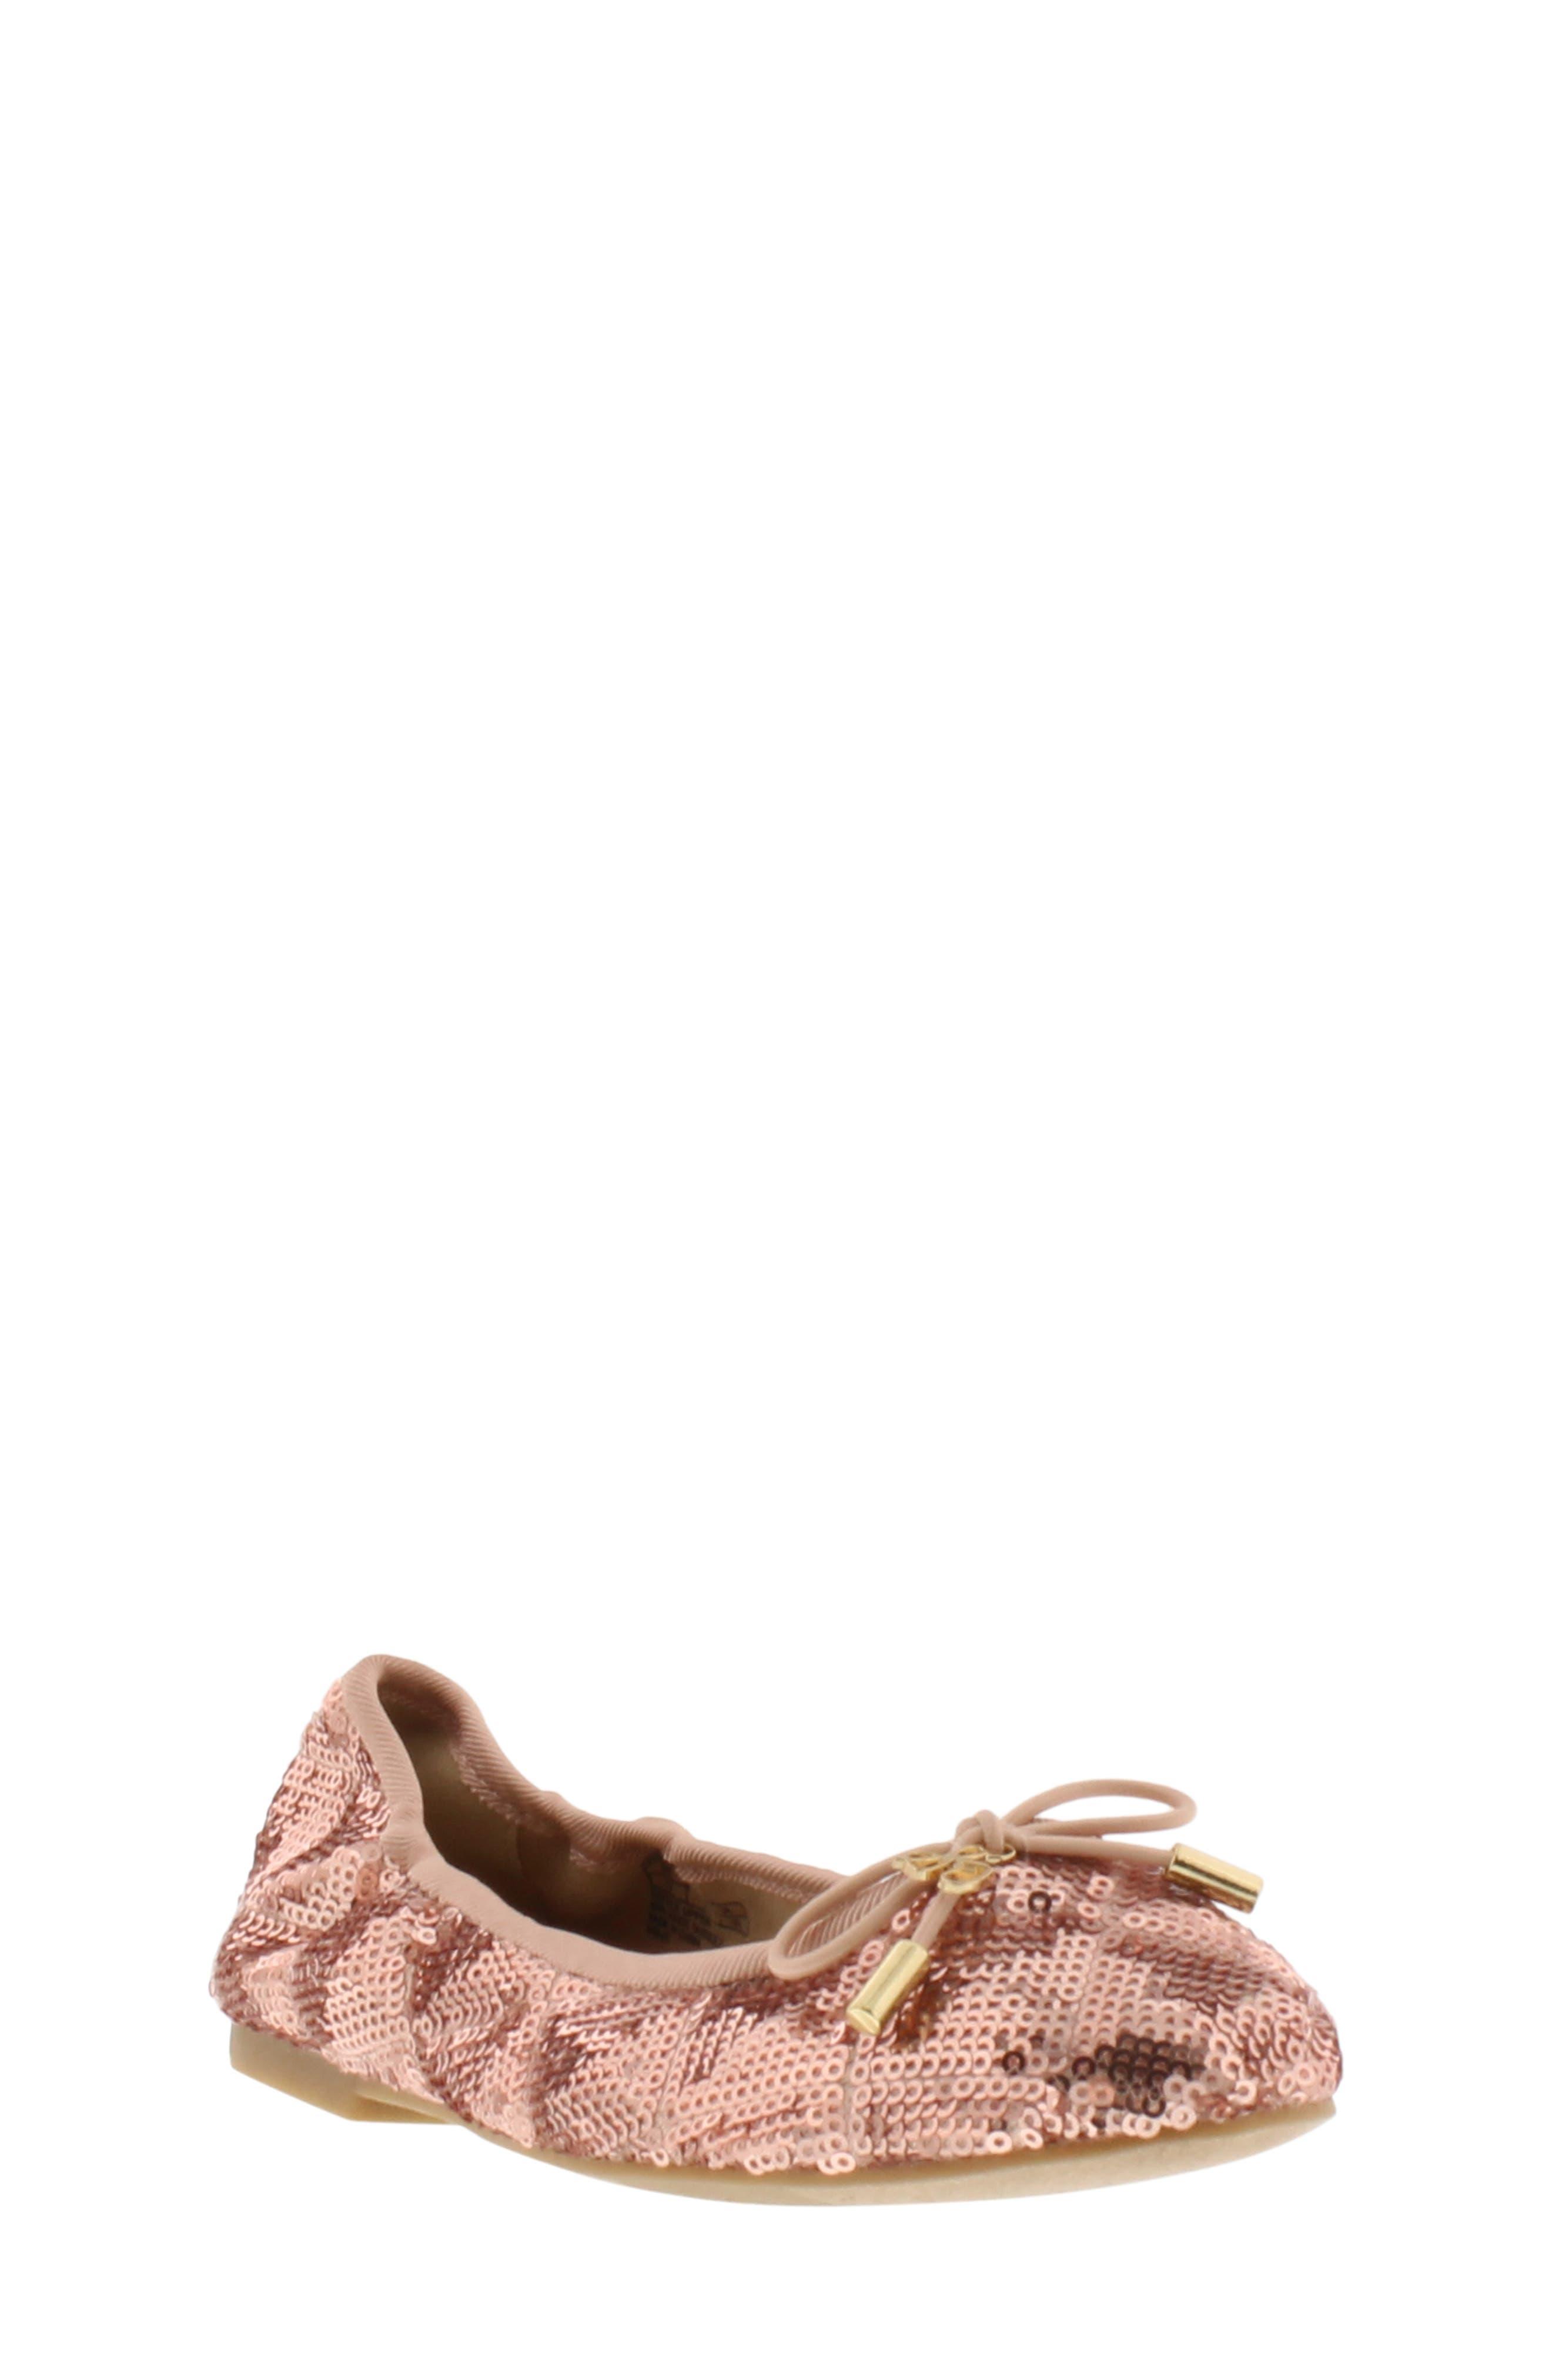 SAM EDELMAN Felicia Sequin Ballet Flat, Main, color, ROSE GOLD